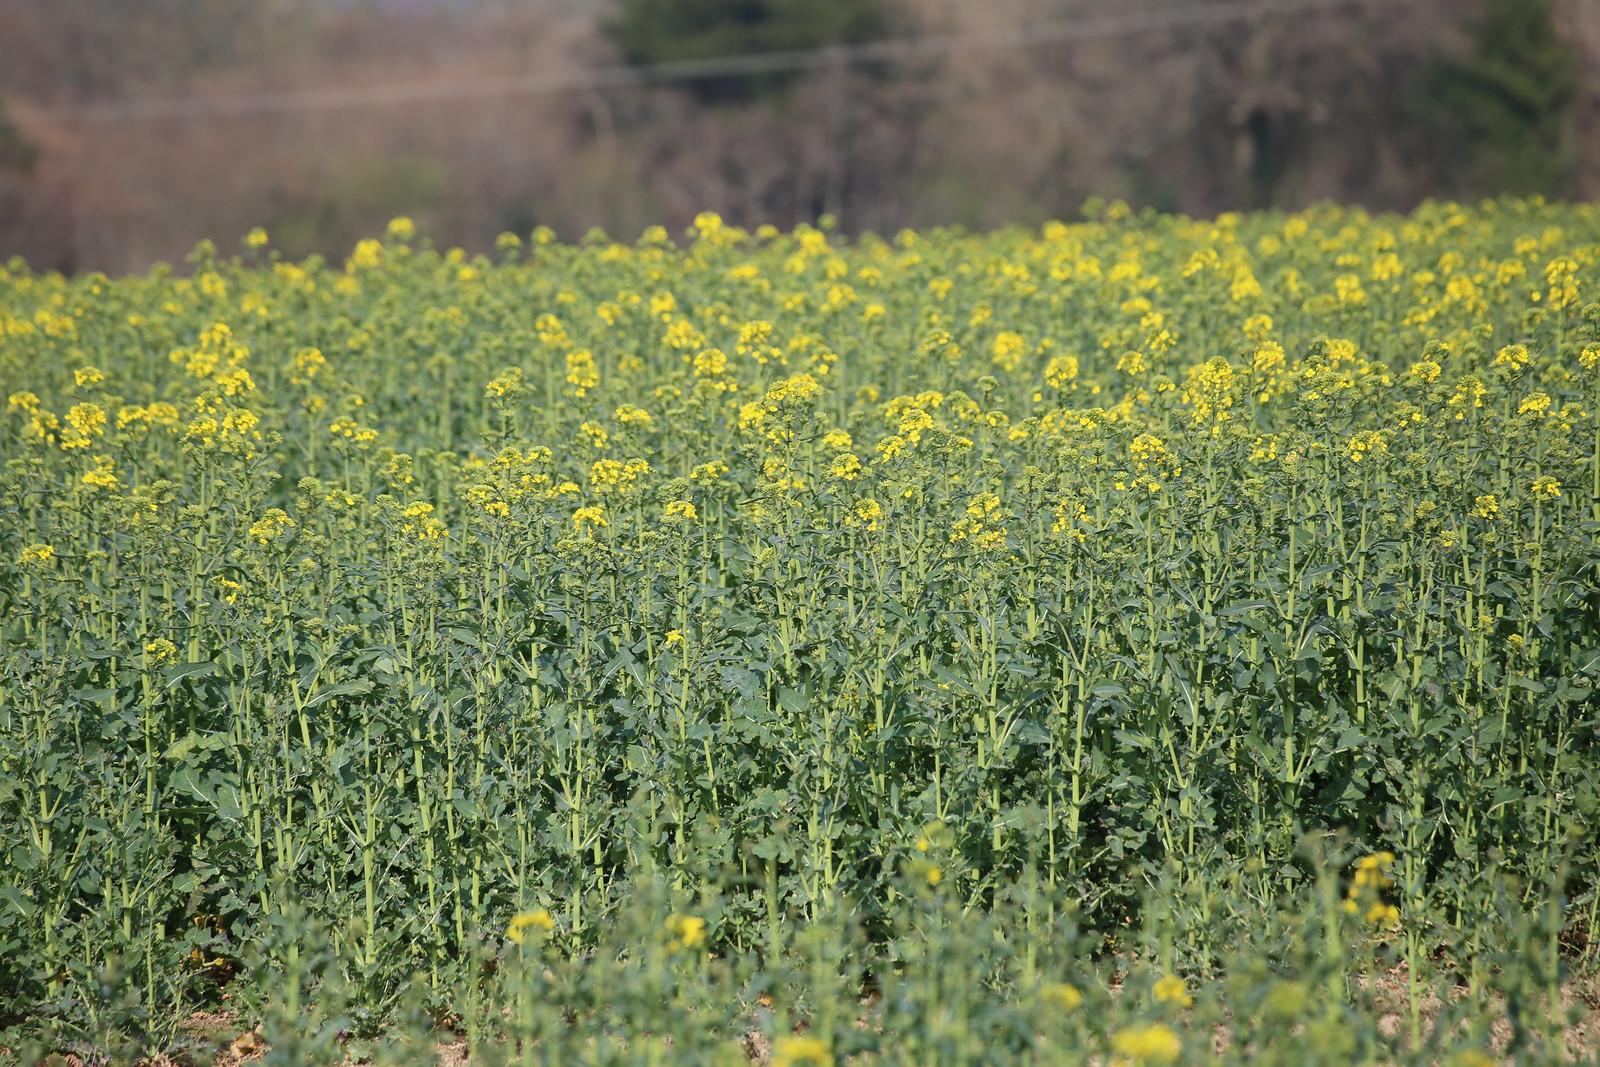 Oil seed rape field near Eridge